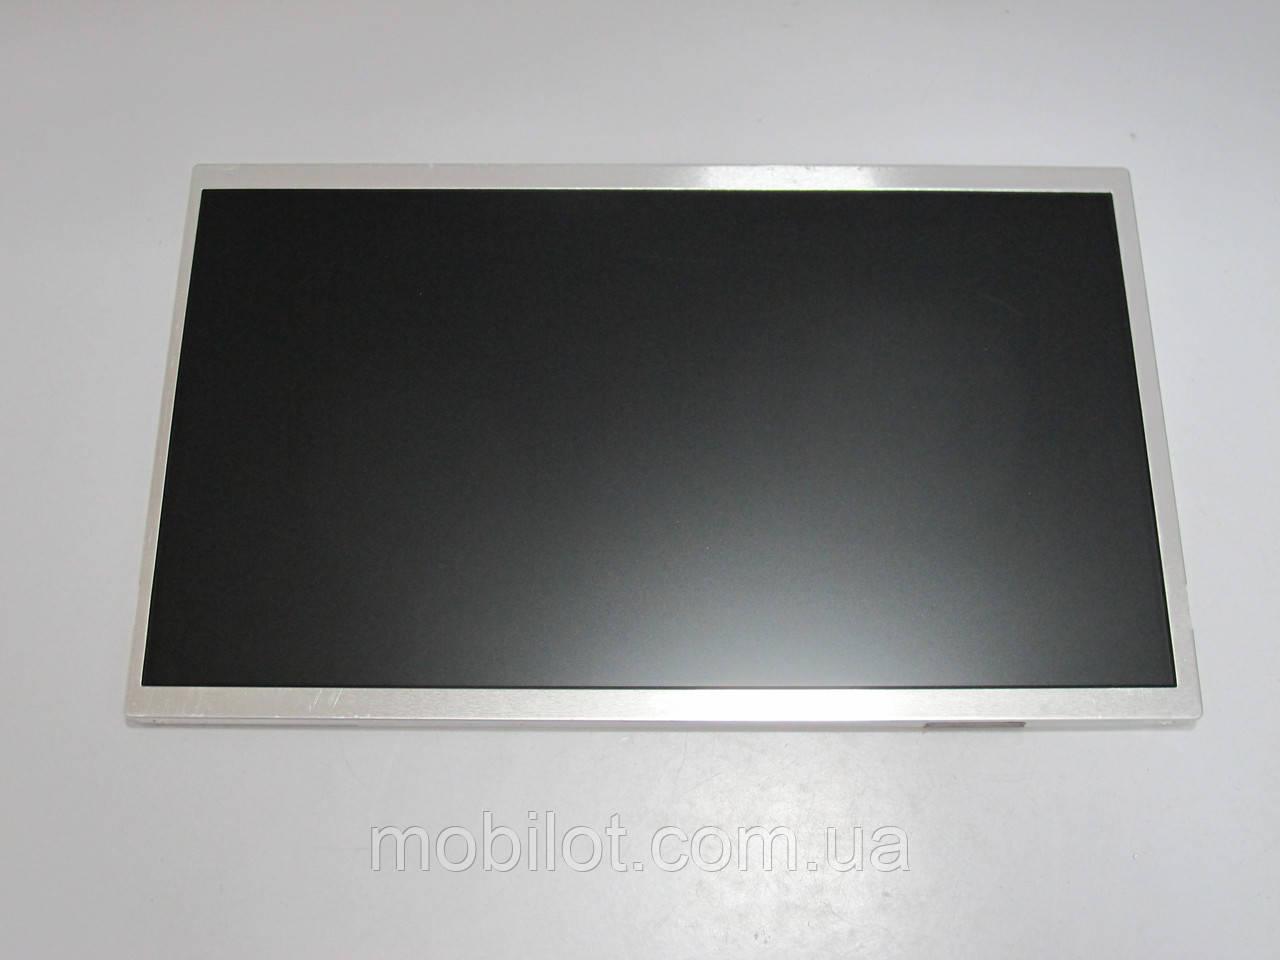 Экран (матрица) HP 10.1 Led (NZ-6994)